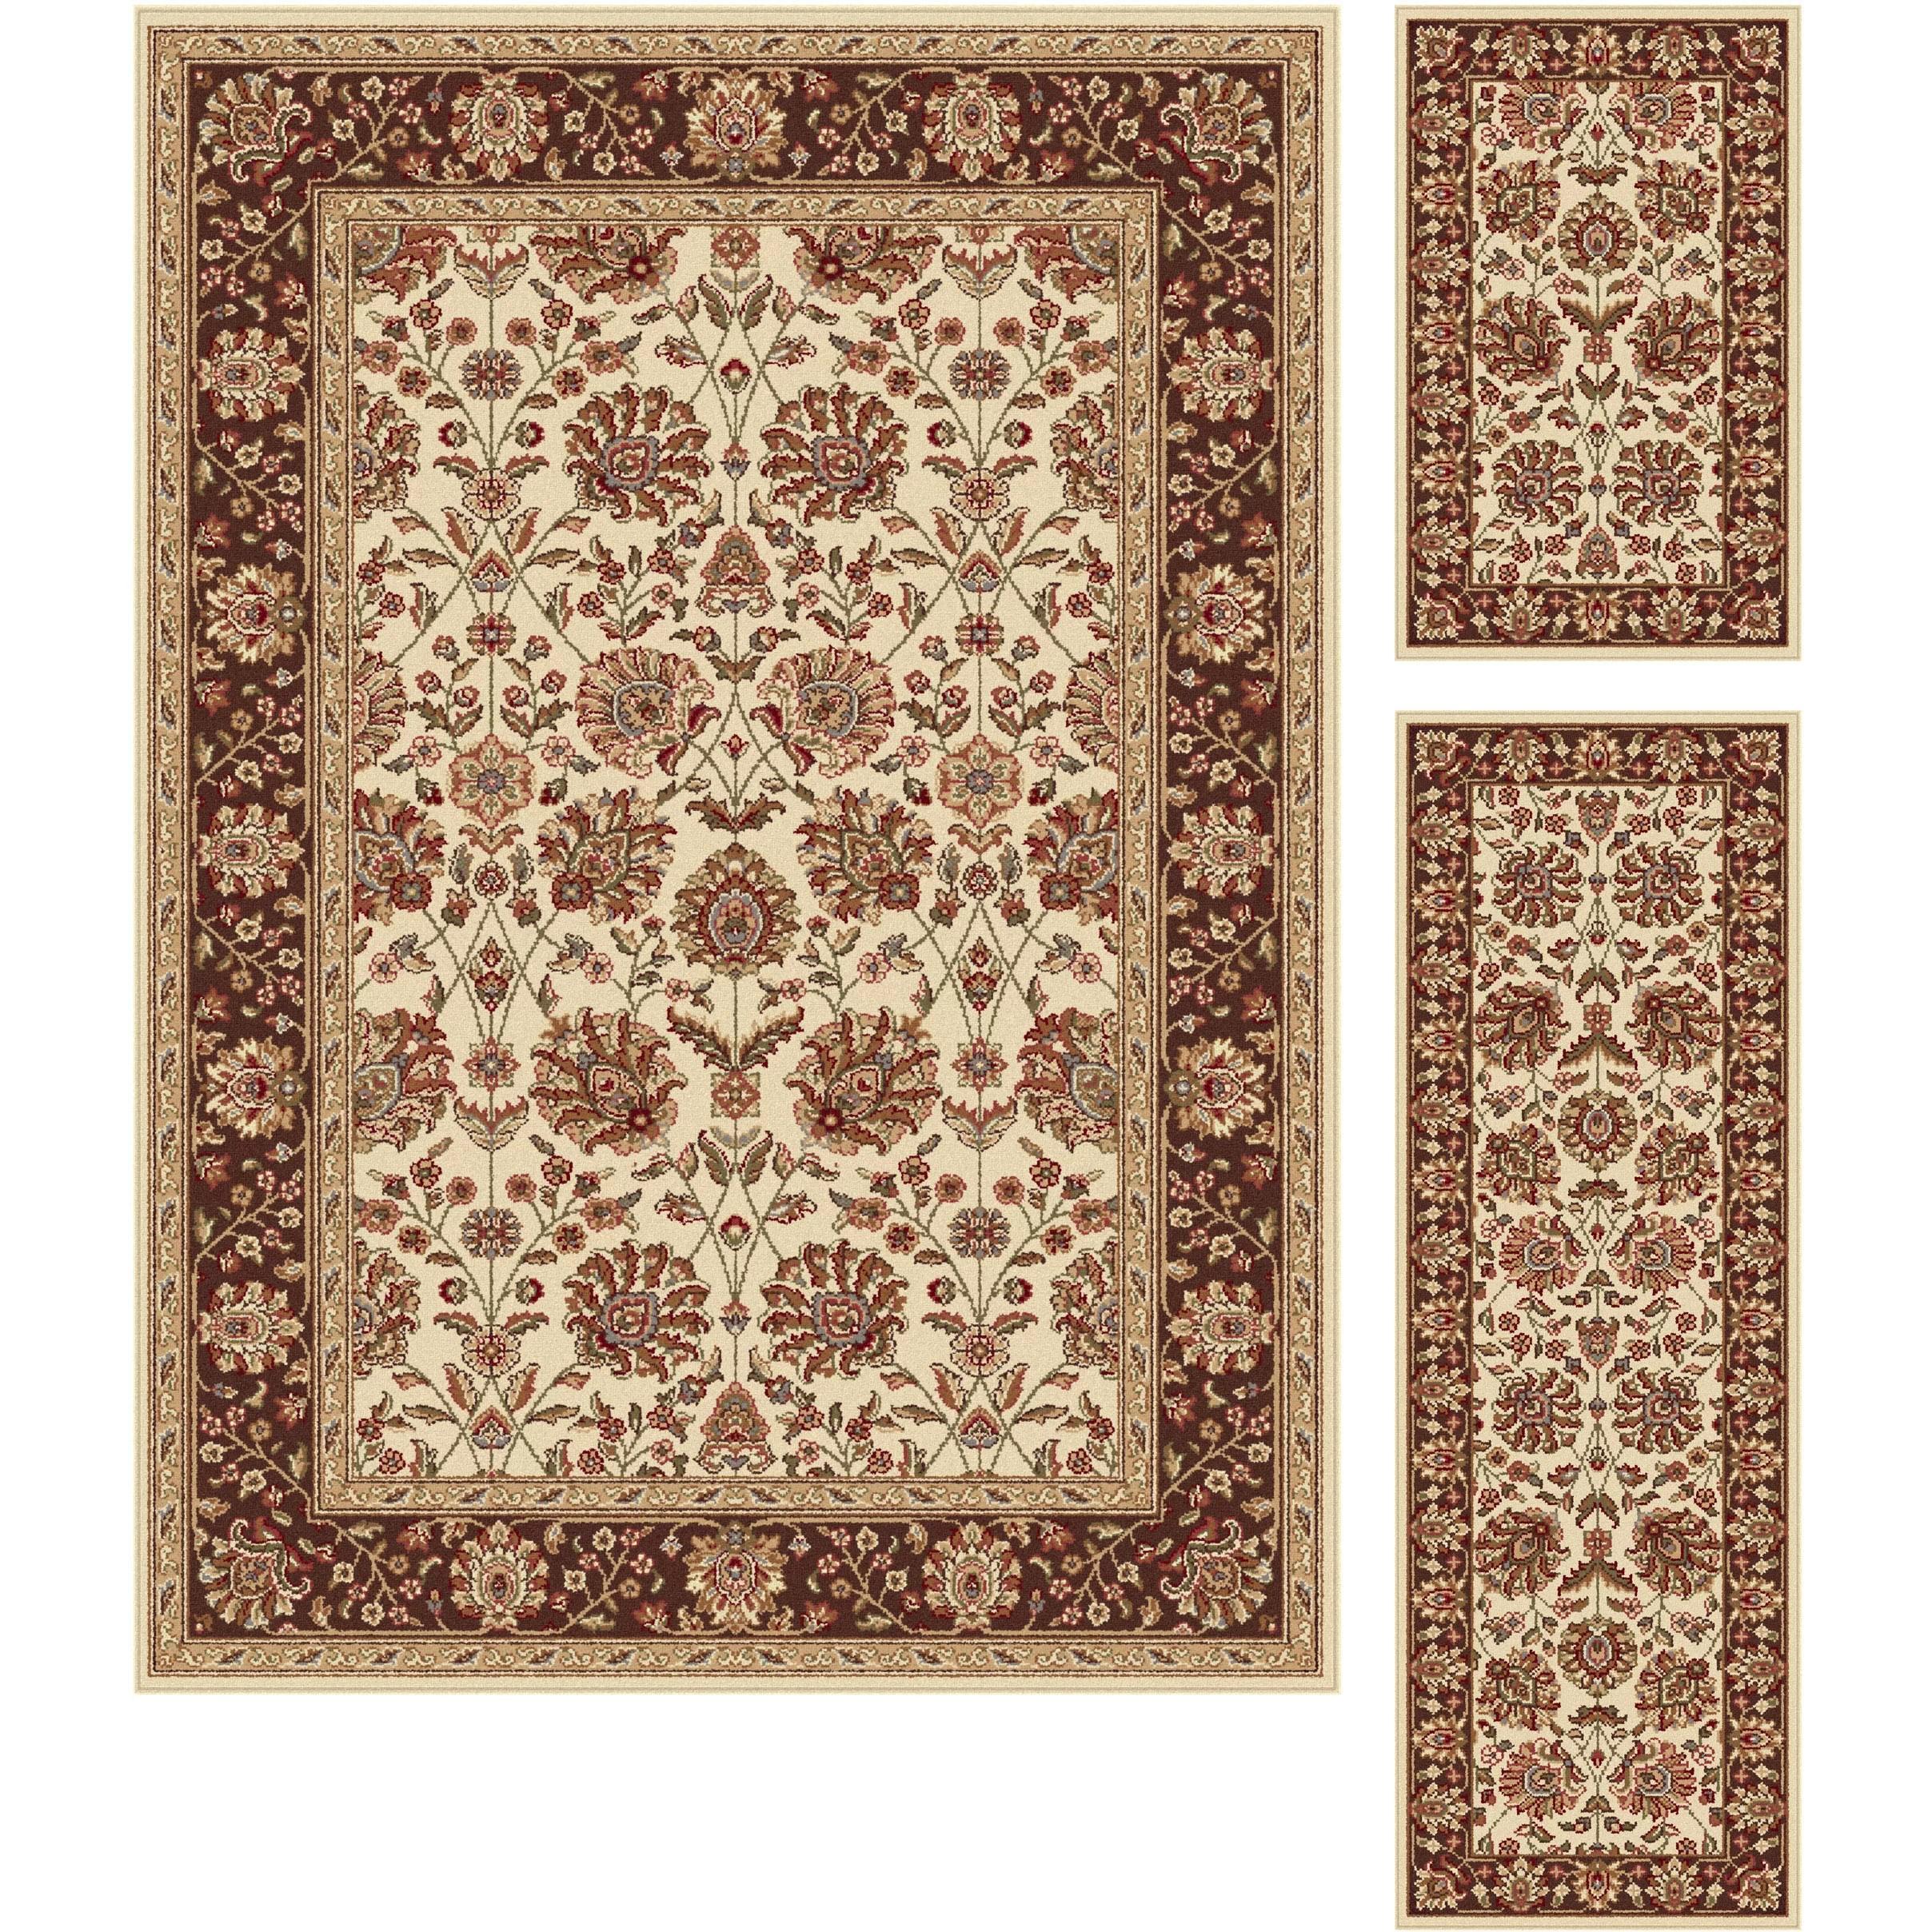 3 piece kitchen rug set menards backsplash threadbind litchford beige area and reviews